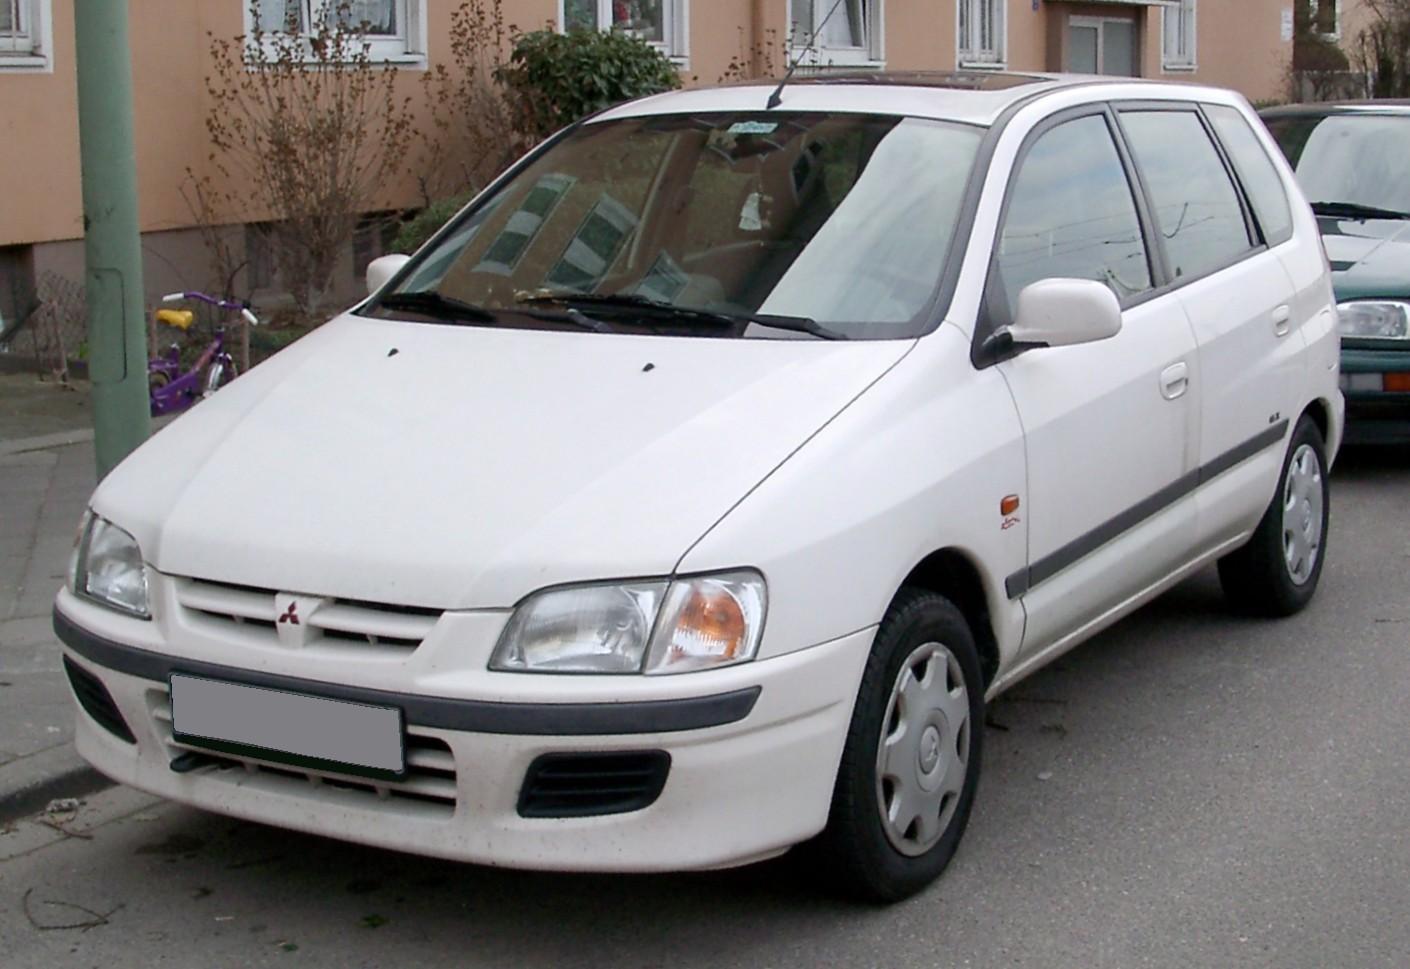 Mitsubishi space star wikipedia